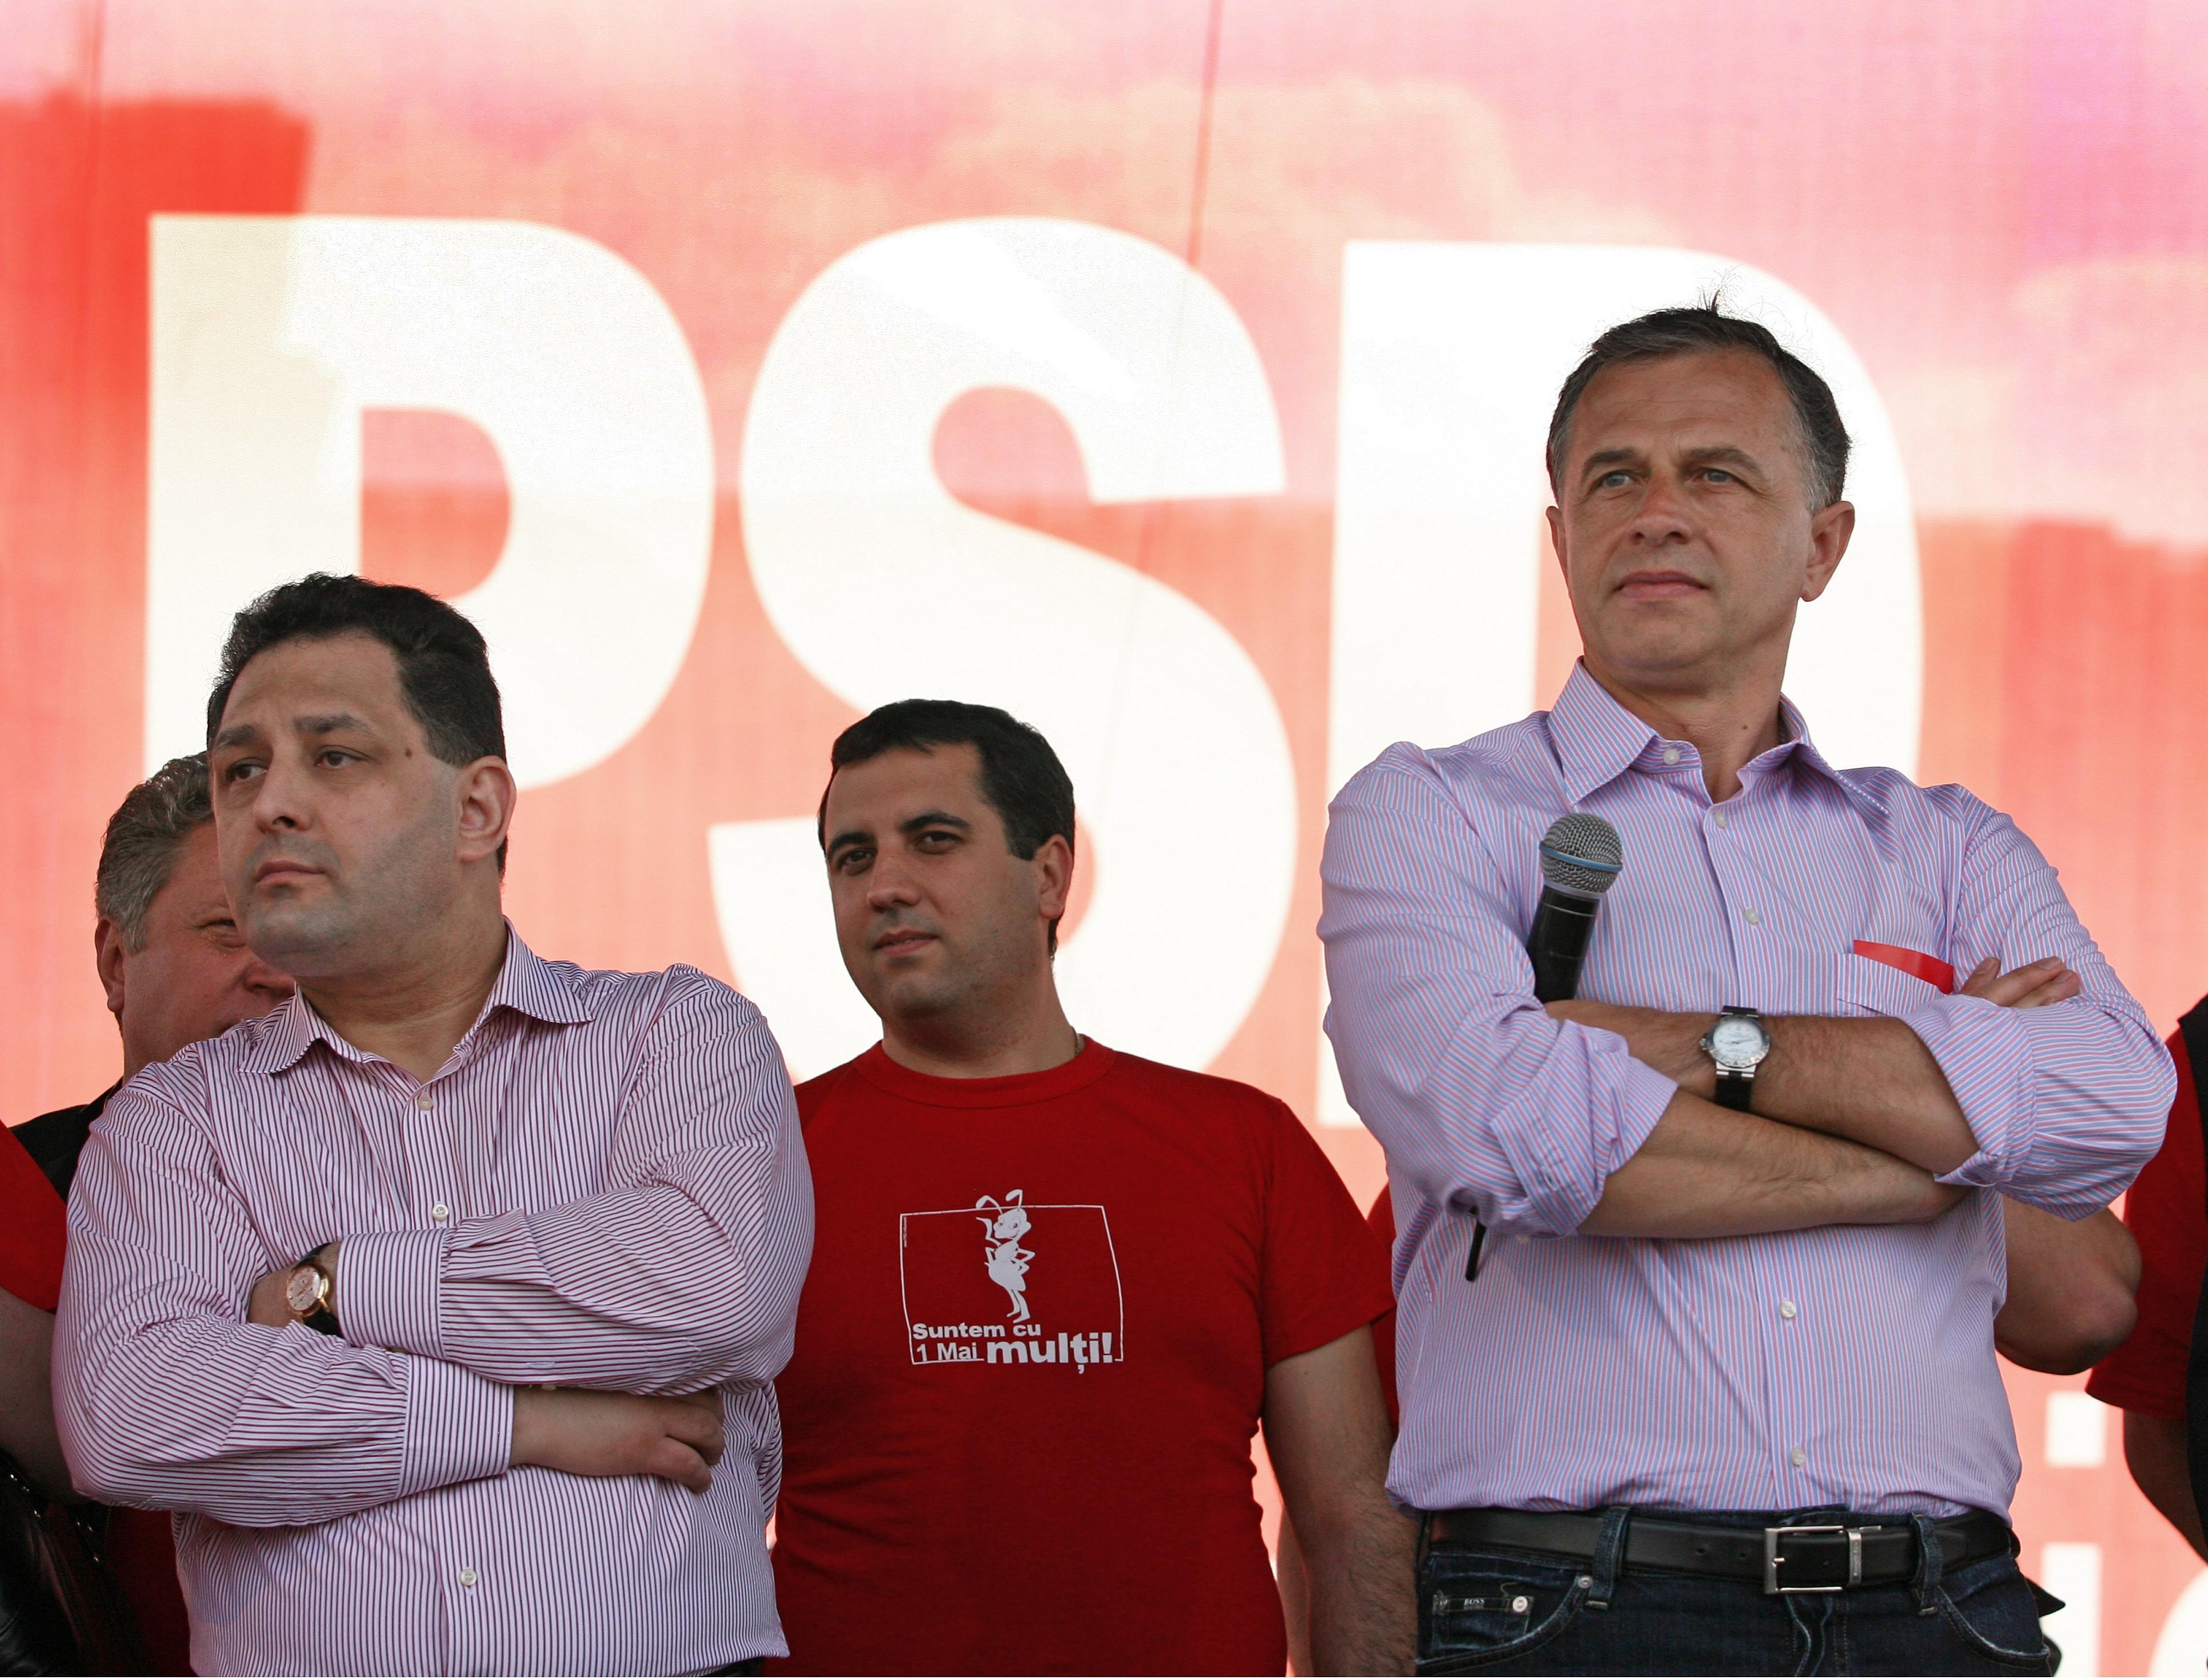 Mircea Geoană îşi primeşte ceasurile de lux înapoi. Ce măsuri a mai luat instanţa împotriva lui Marian Vanghelie, pe lângă condamnarea la închisoare